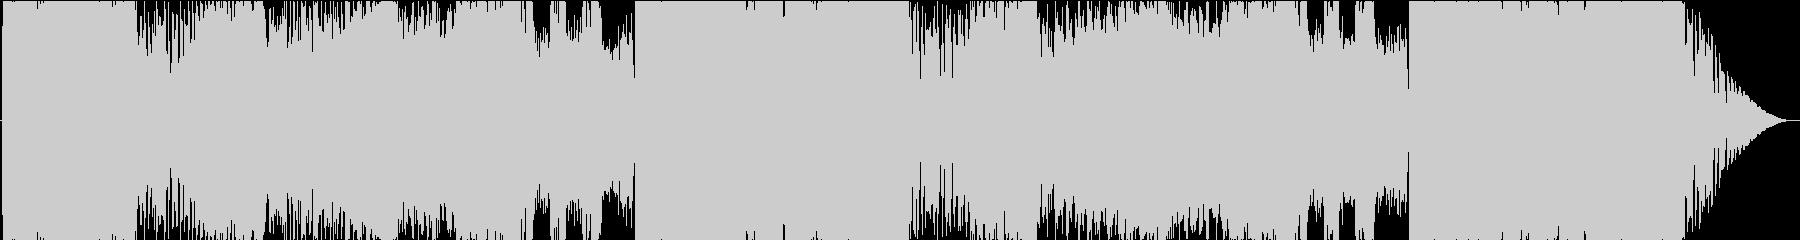 クワイヤ入り大編成オーケストラバトル曲の未再生の波形